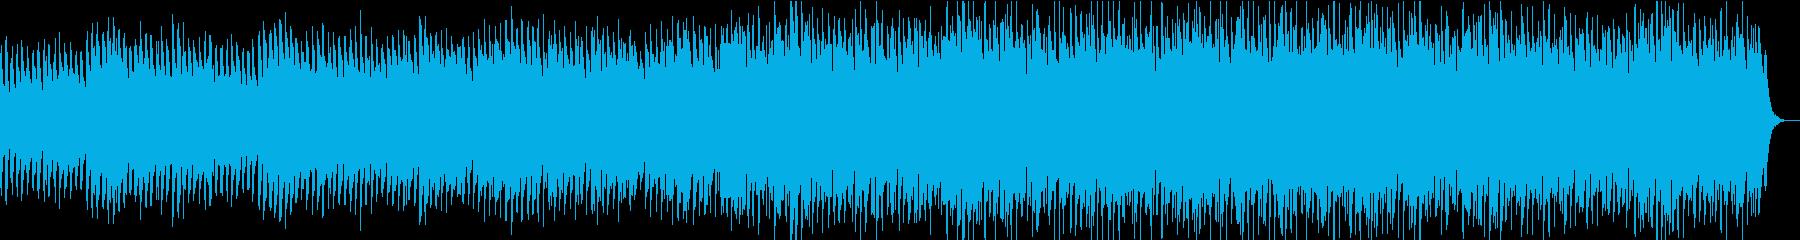 ドラマチックな和風バラードの再生済みの波形